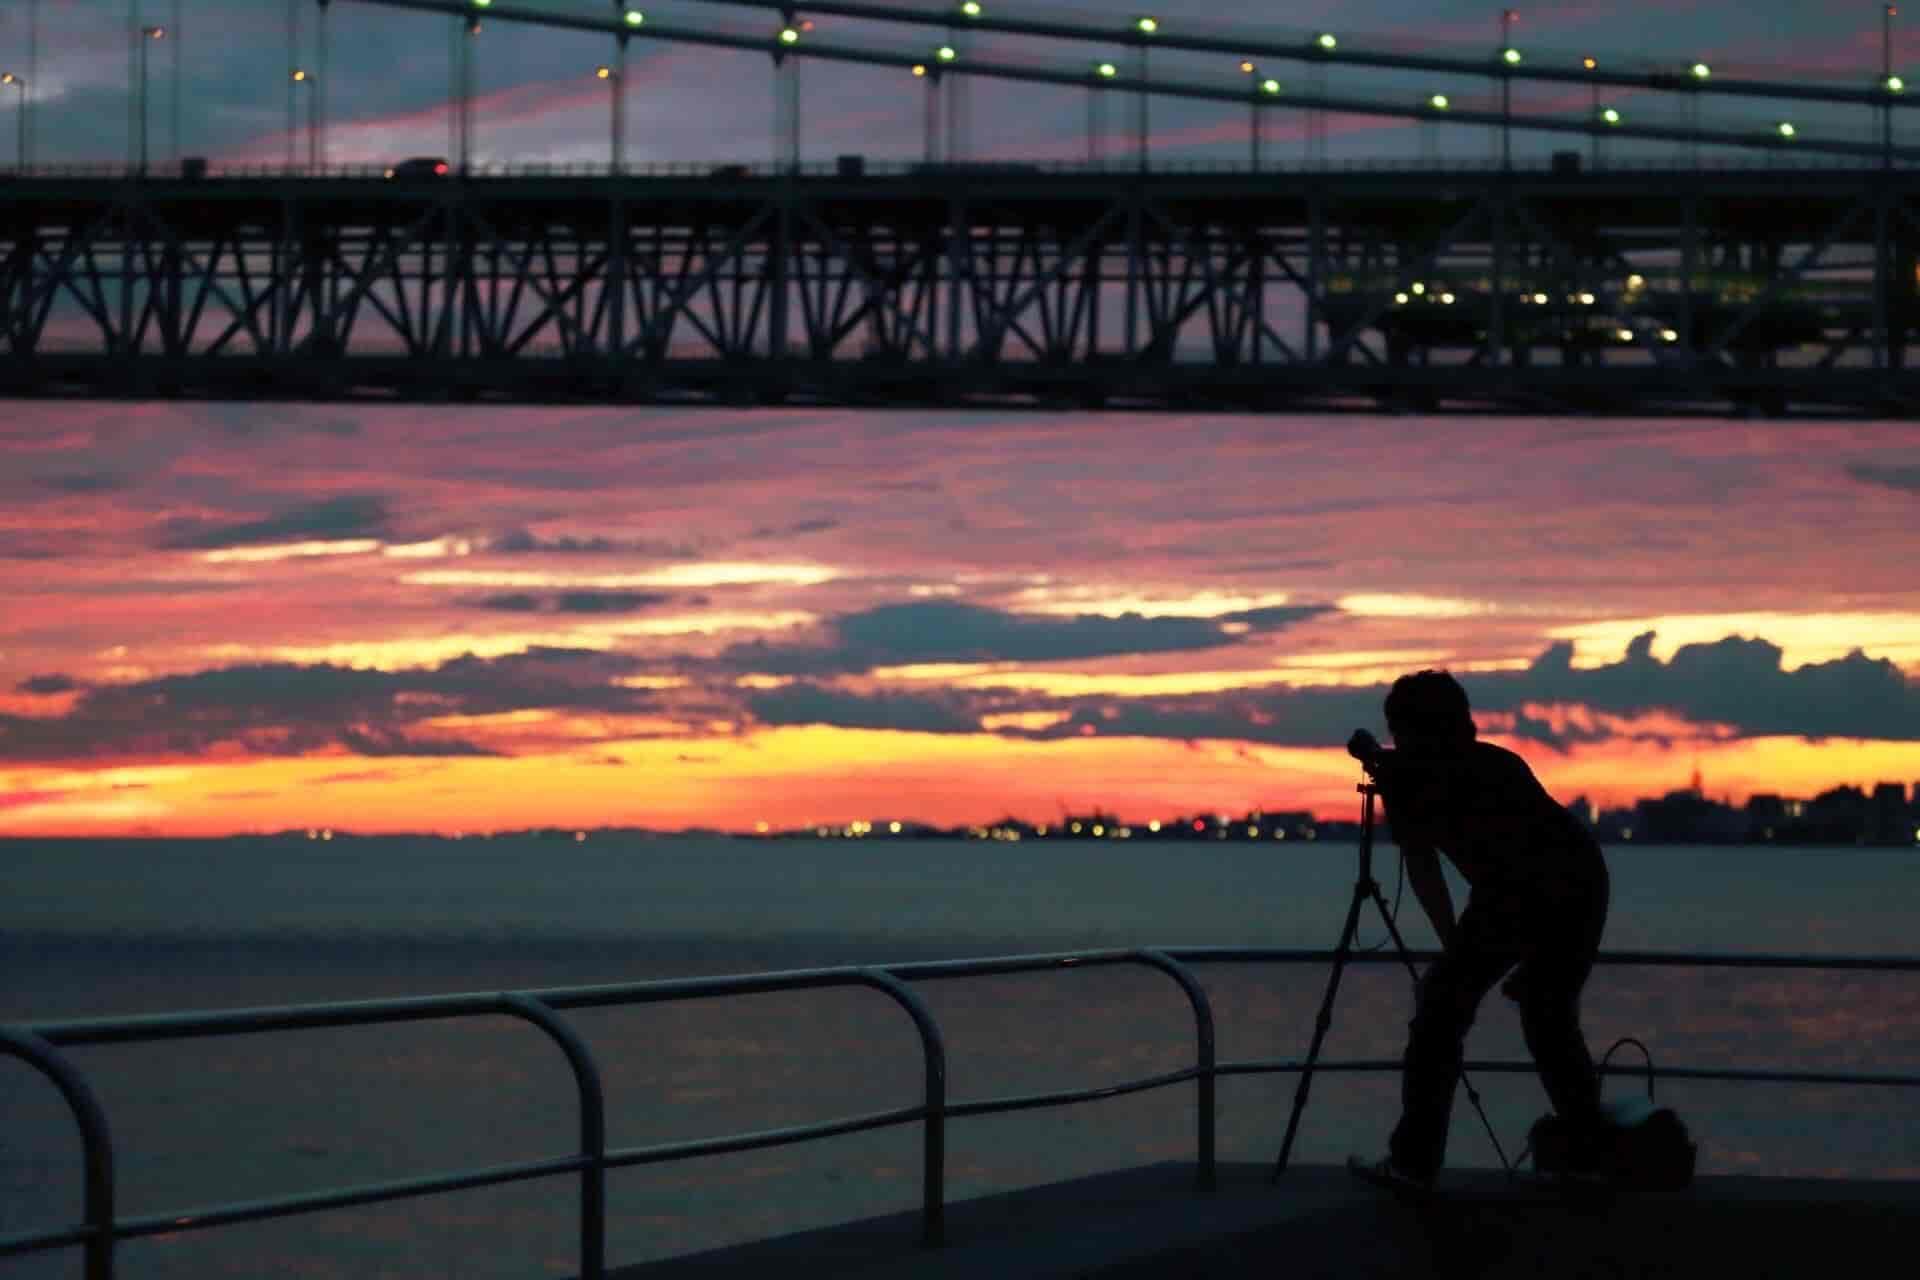 ラブ探偵事務所と他社の千葉県いすみ市での夜間暗視撮影